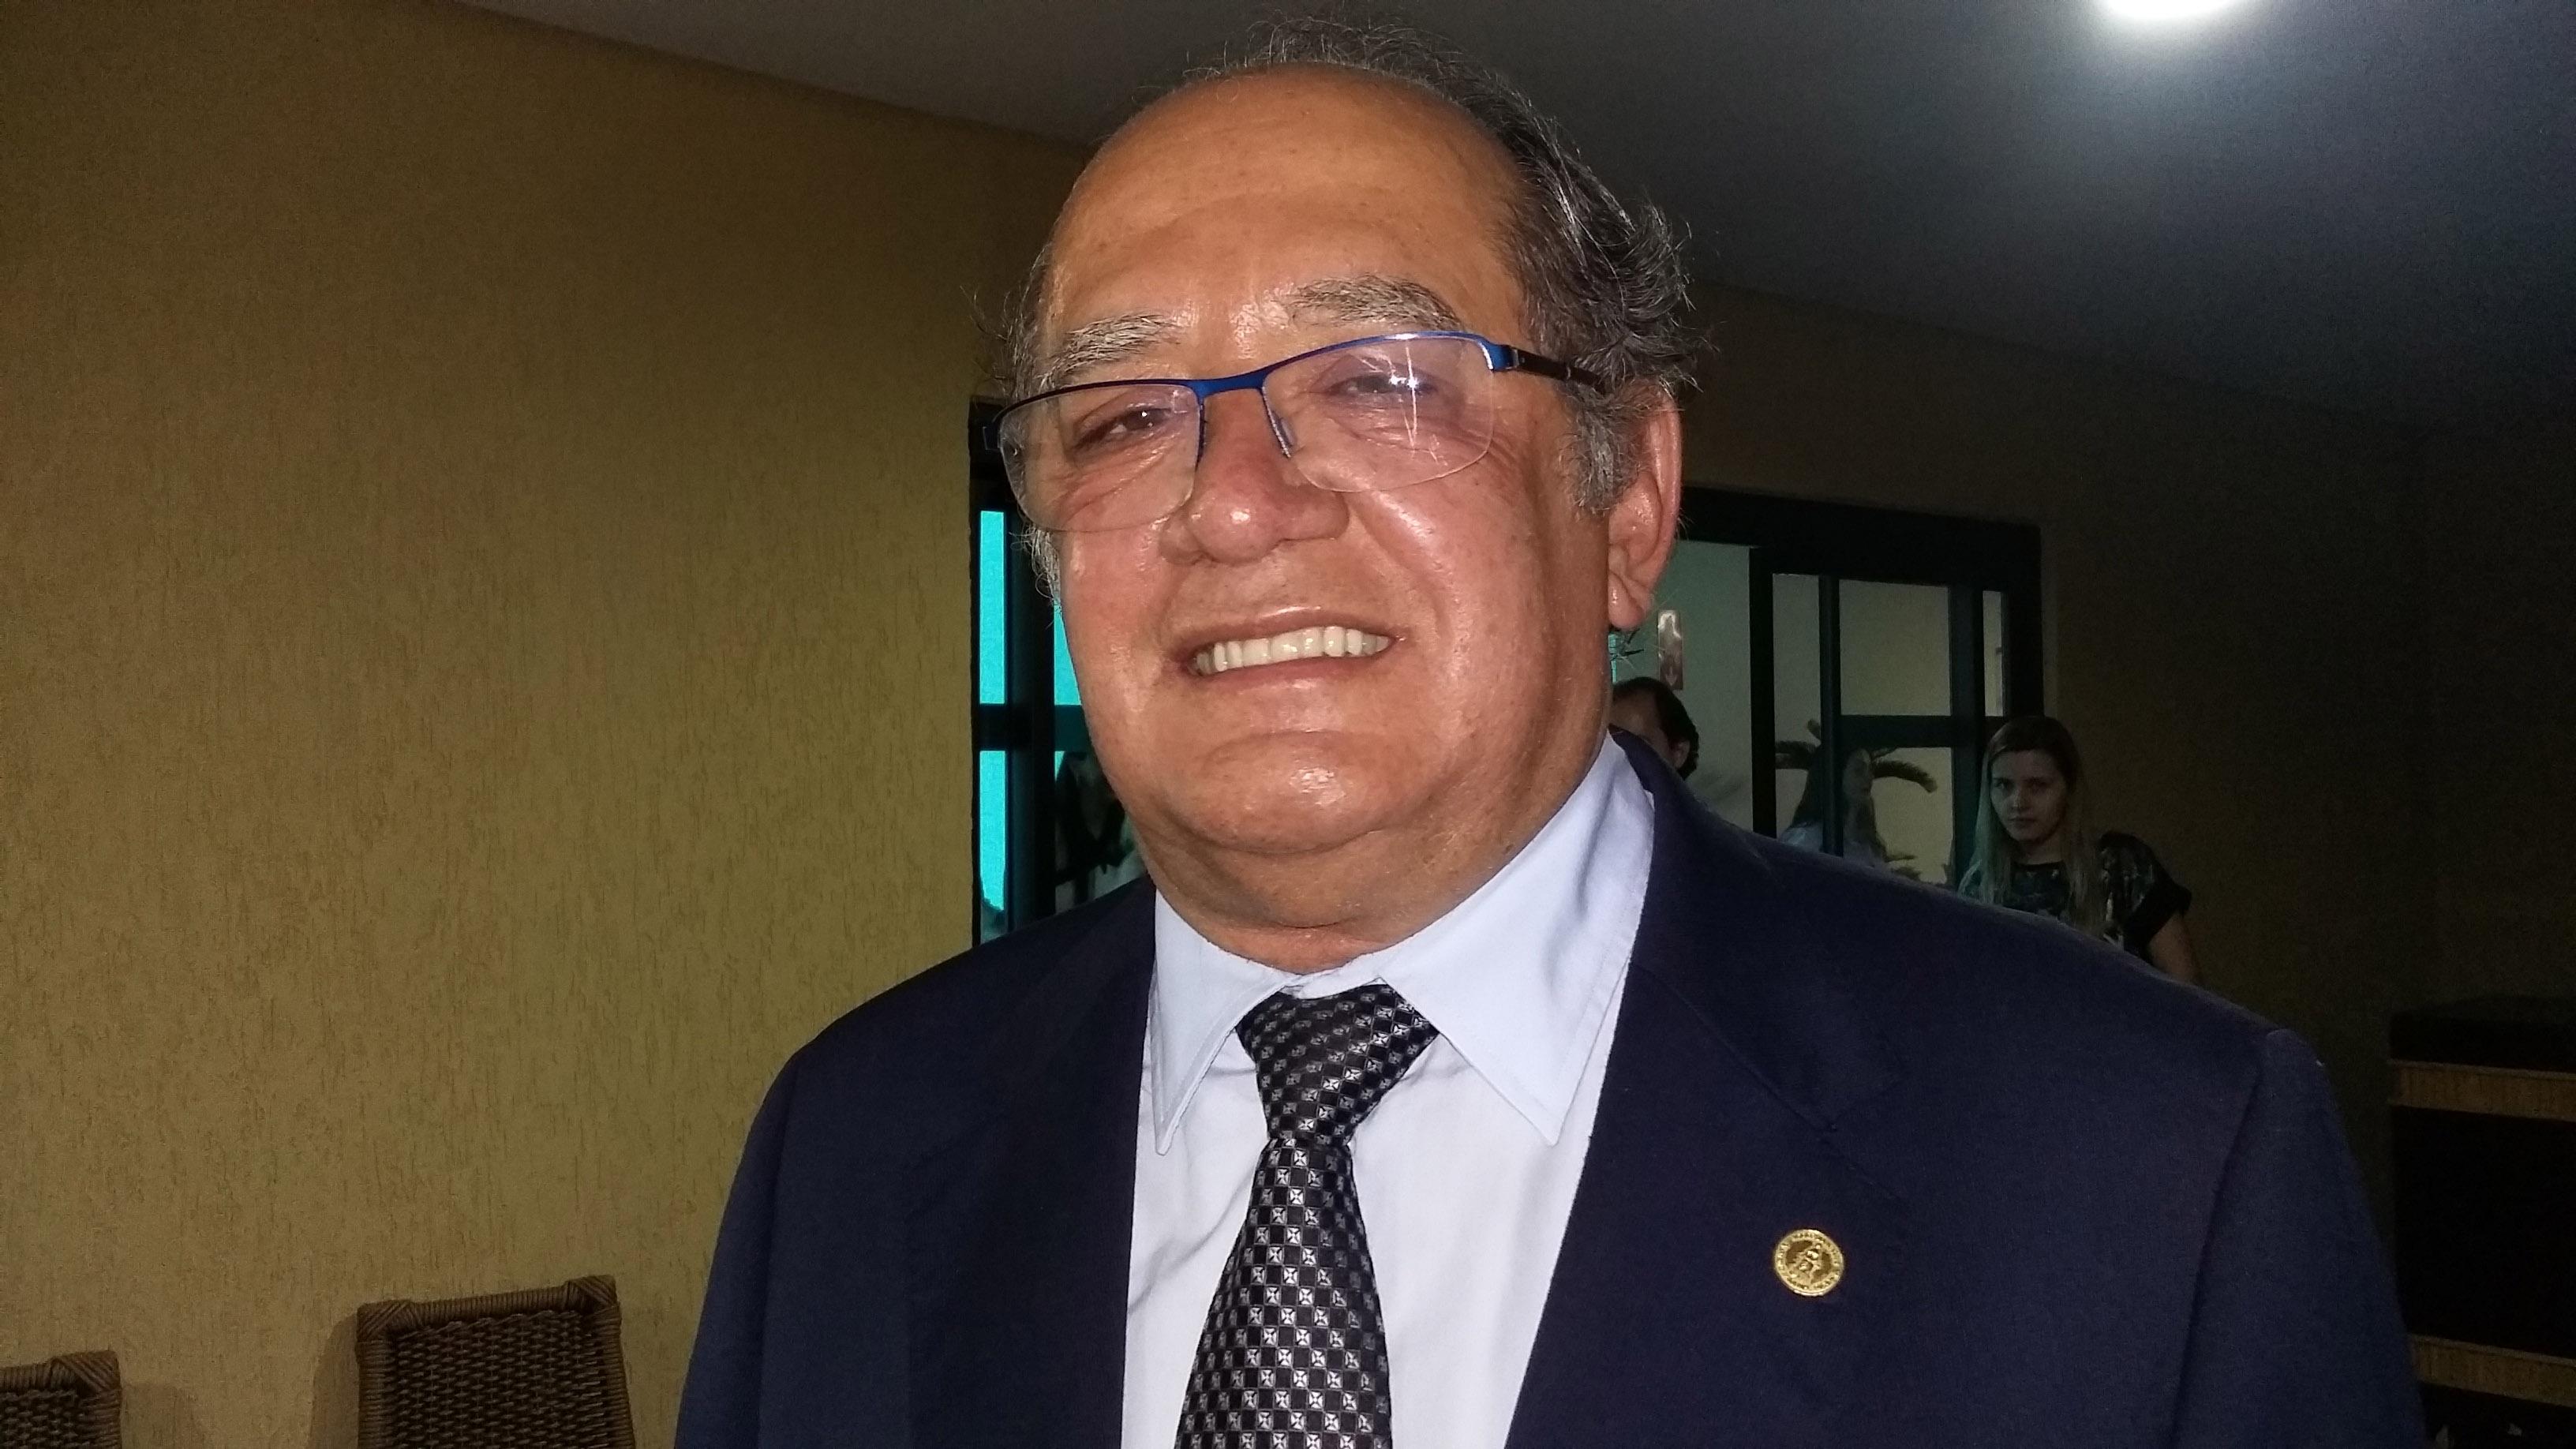 A favor da descriminalização, Gilmar Mendes diz que campanhas podem diminuir número de usuários